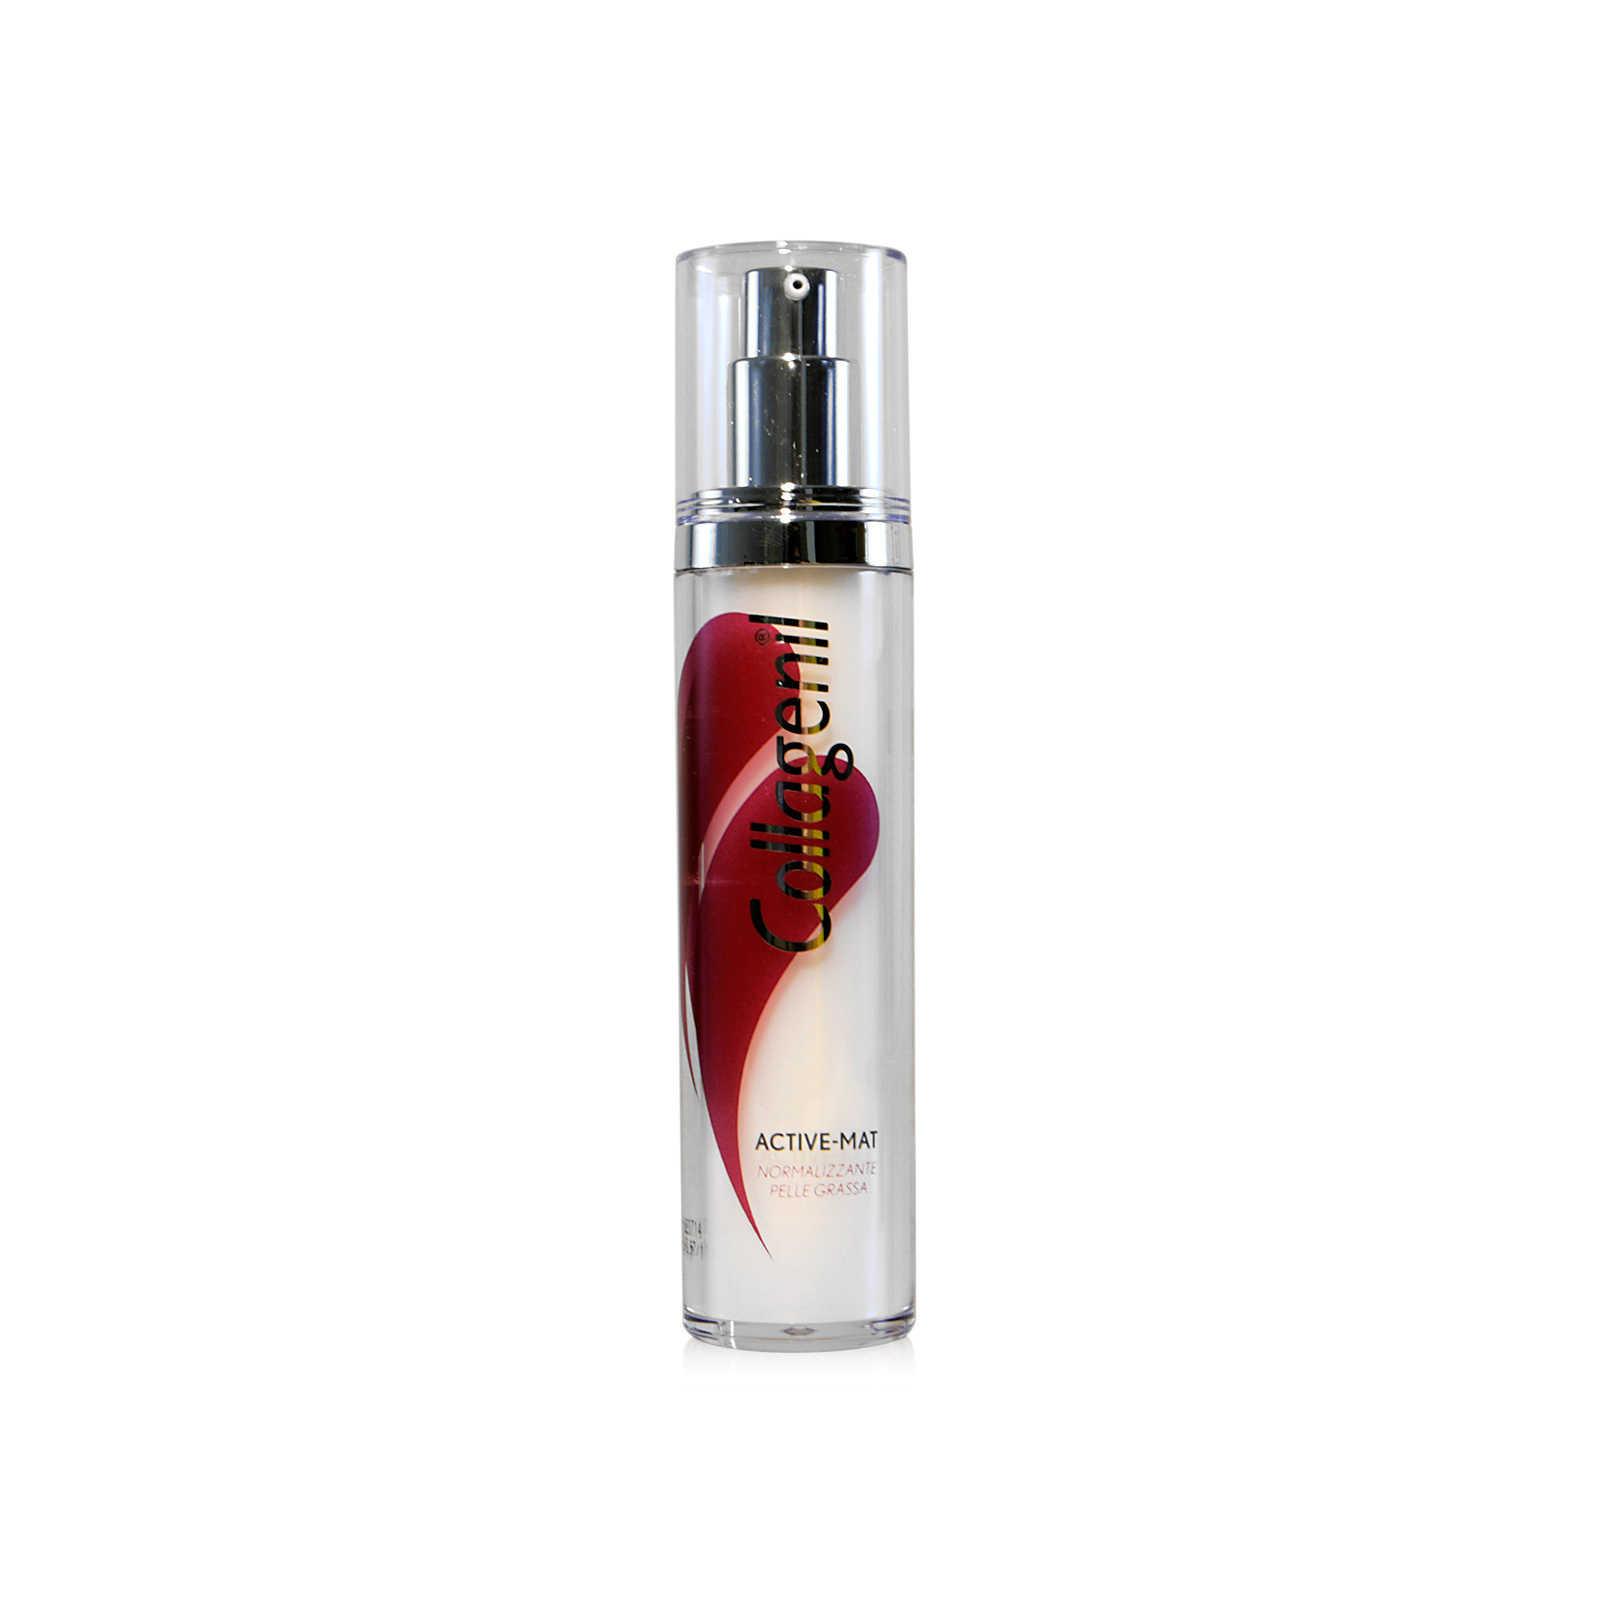 Collagenil - Spray Idratante Normalizzante Pelle Grassa - Active-mat